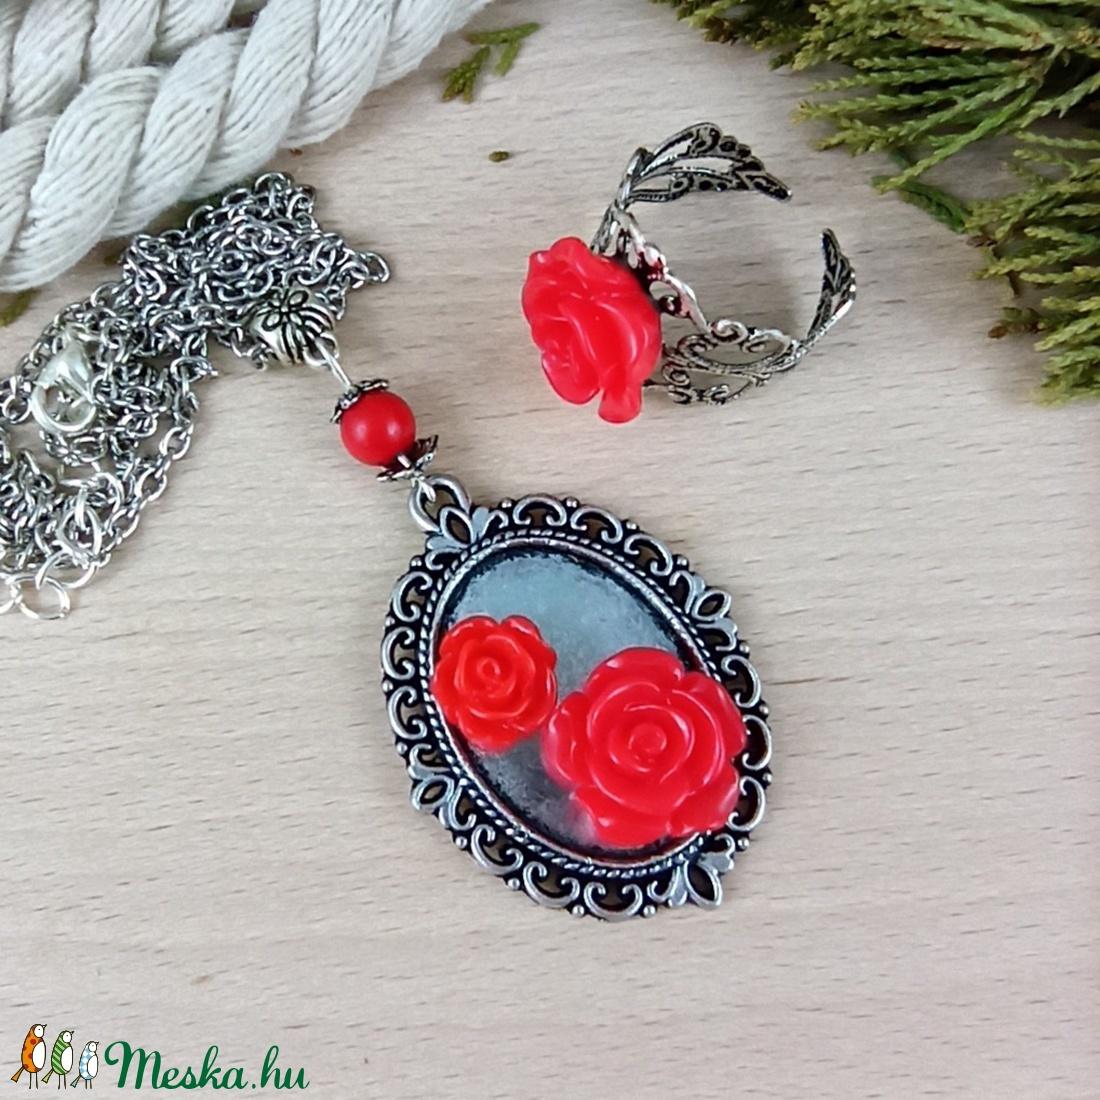 #53 piros rózsás sötét ezüst szett nyaklánc gyűrű esküvő alkalmi koszorúslány örömanya menyasszony násznagy - ékszer - ékszerszett - Meska.hu